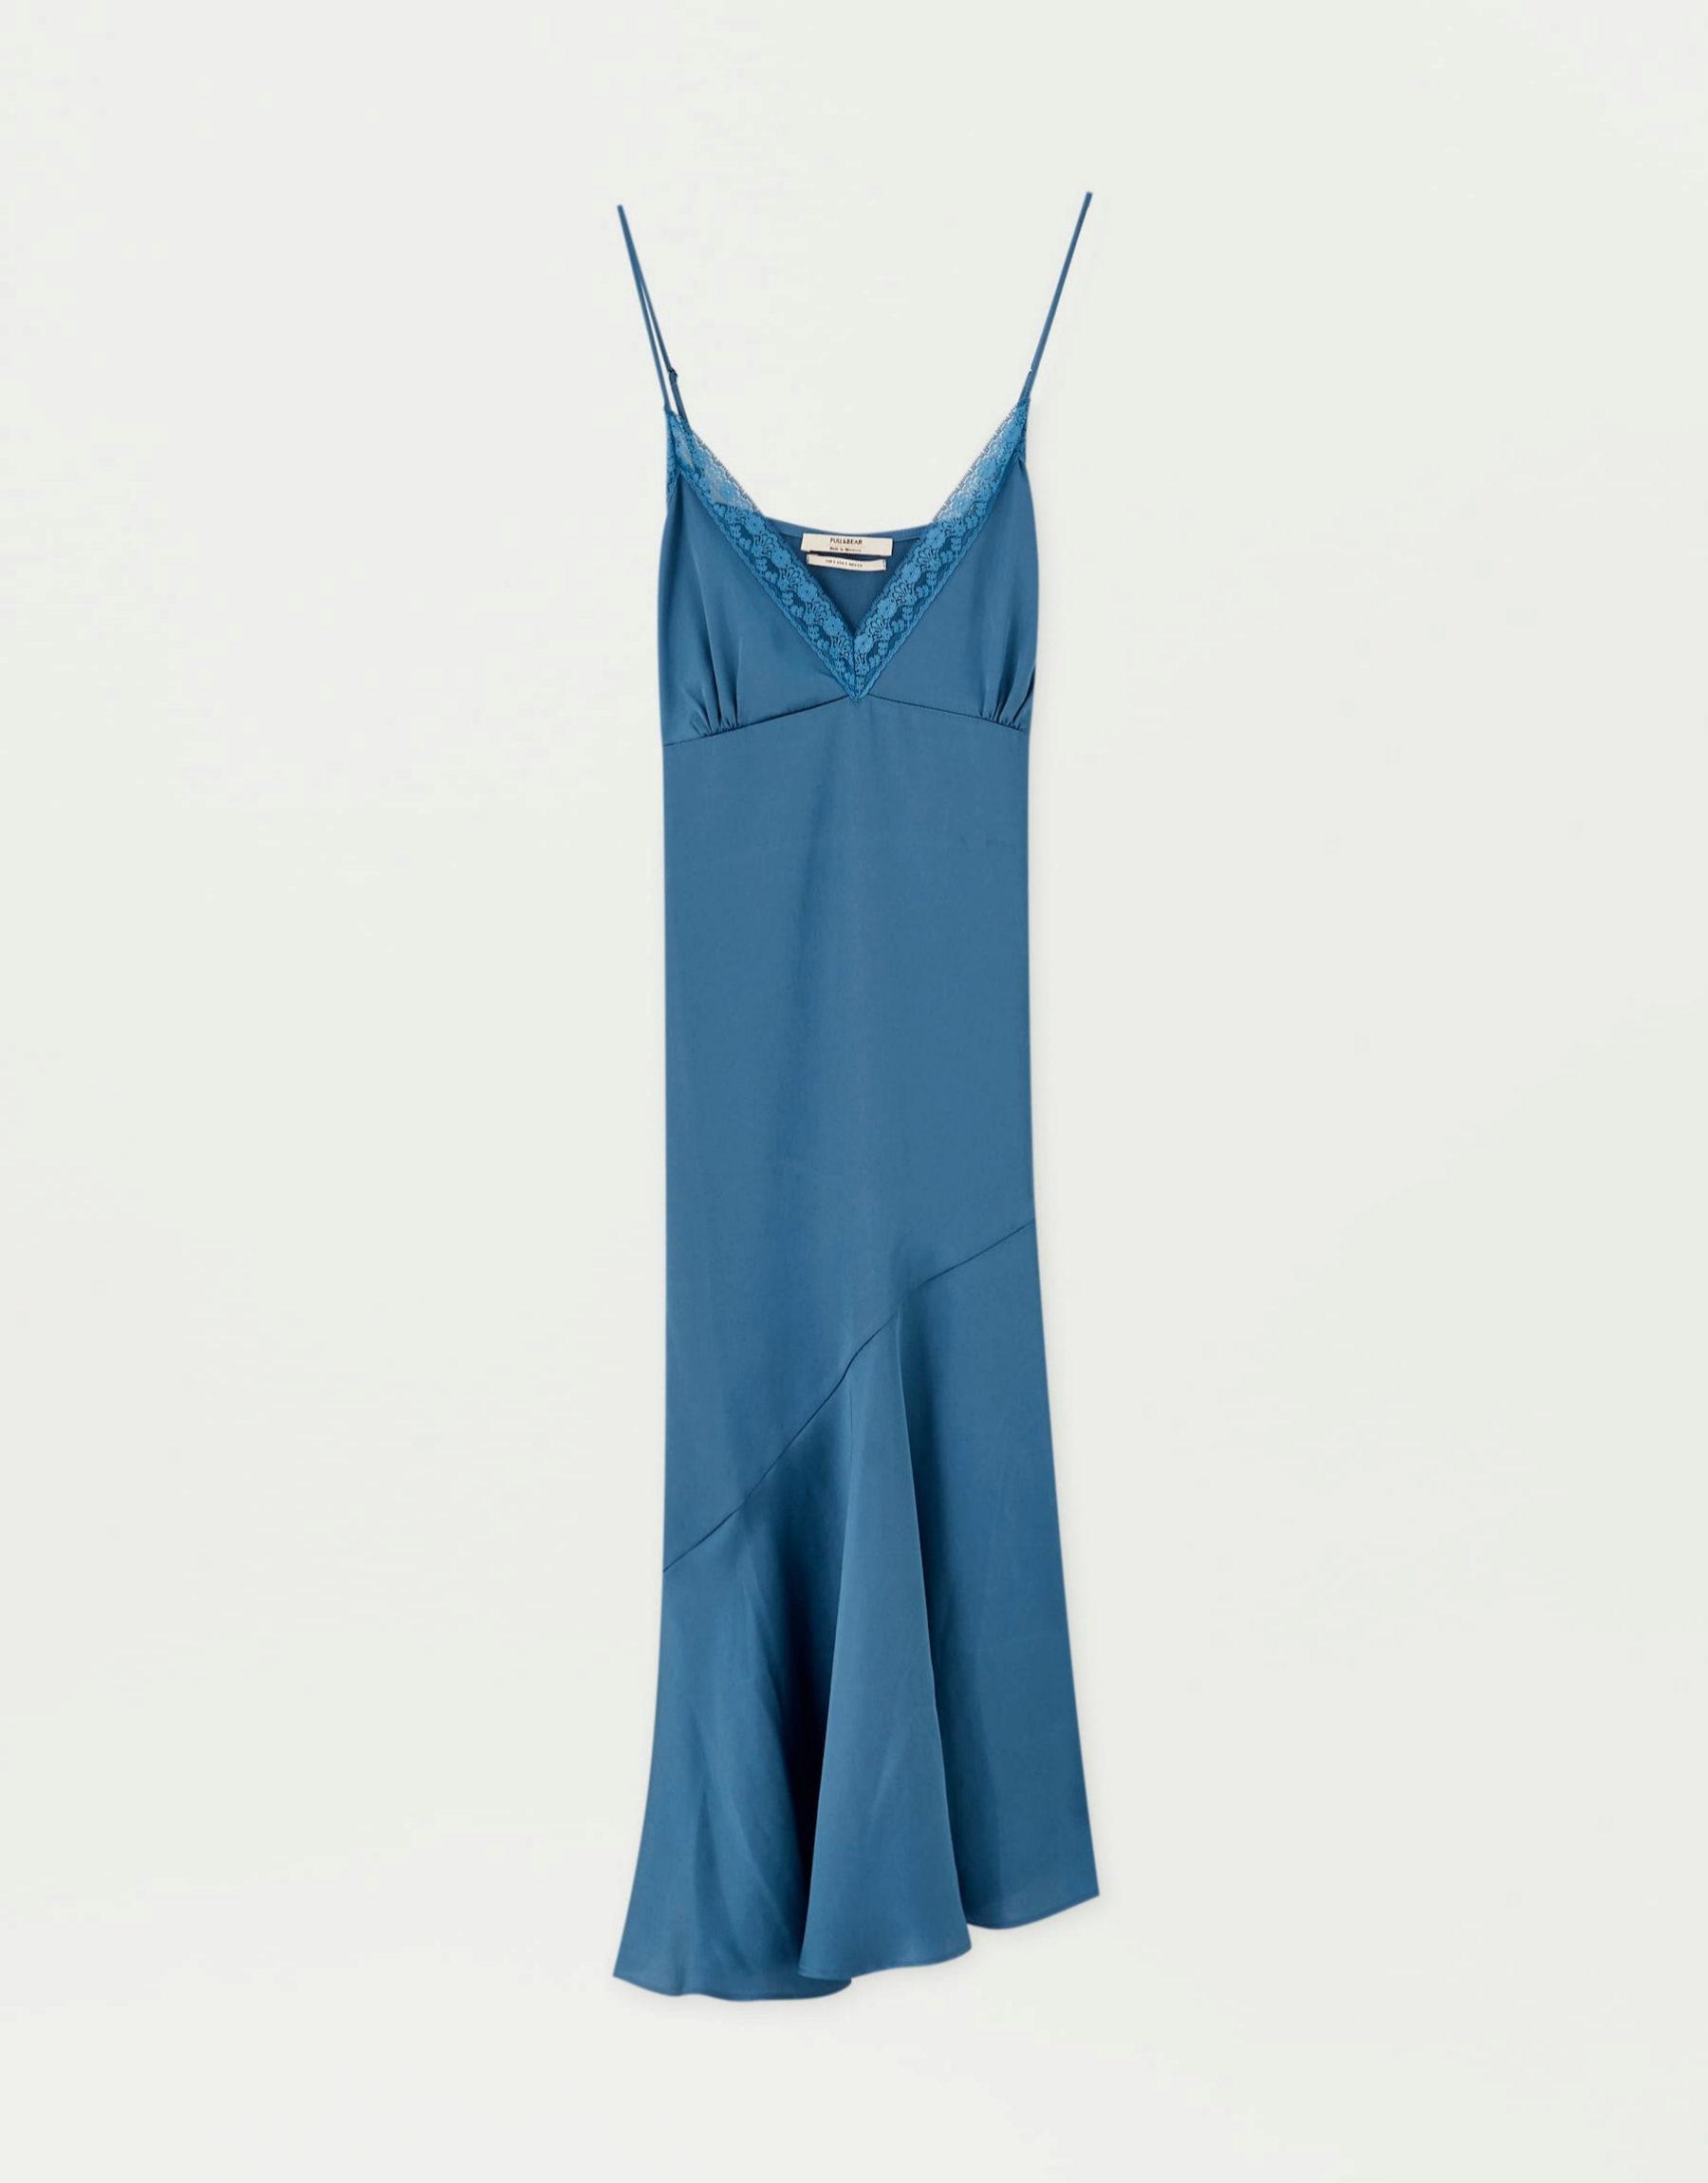 Vestido lencero en azul petróleo de Pull & Bear